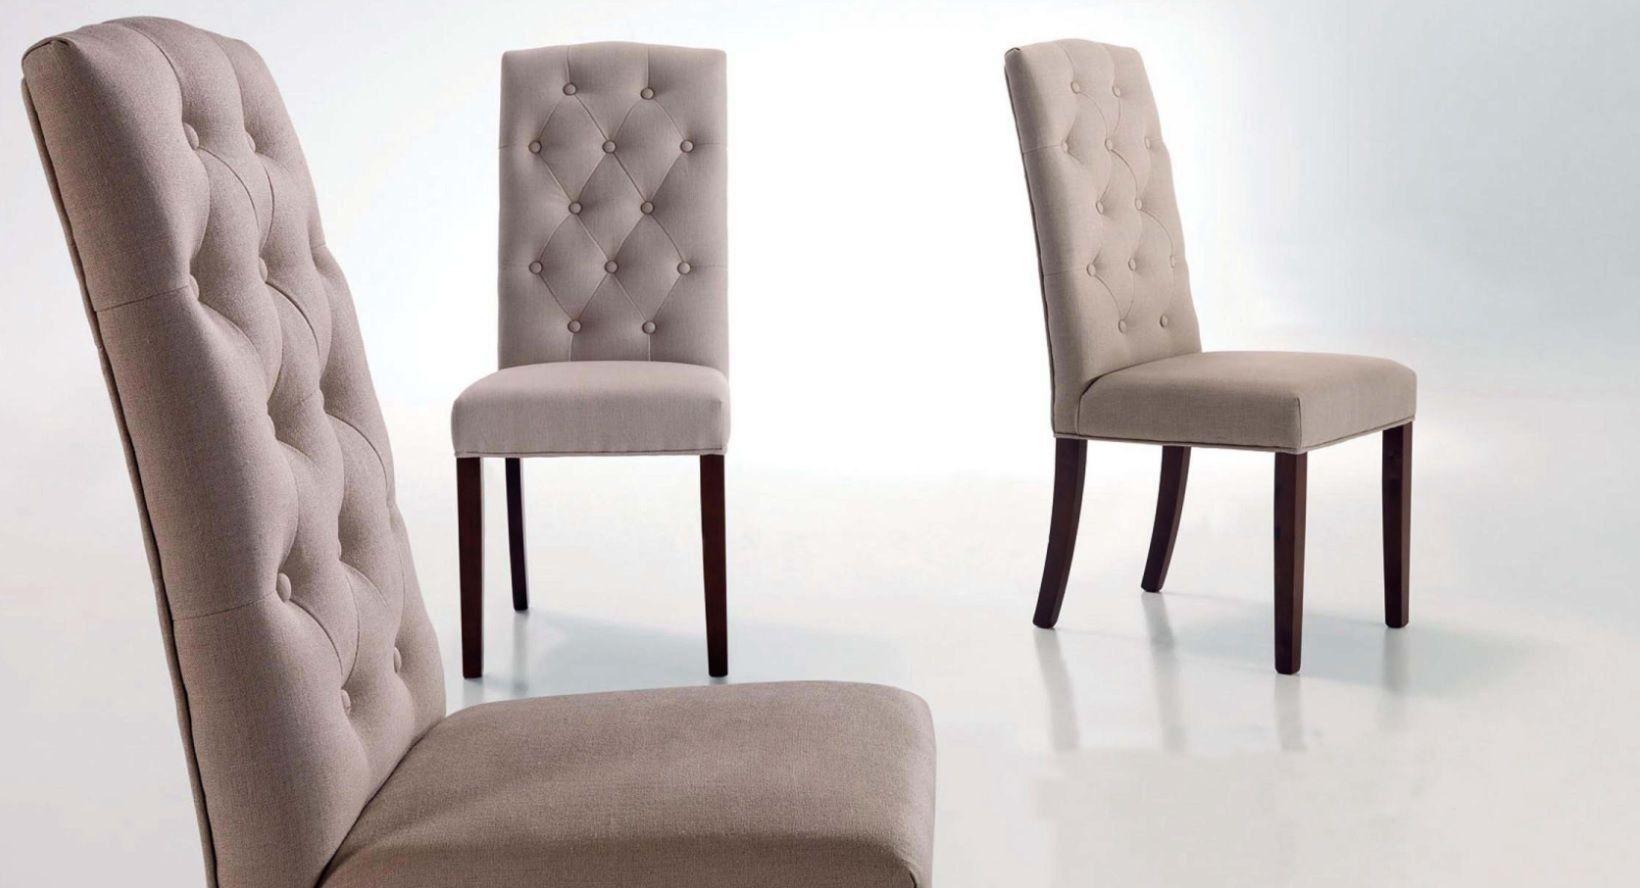 Silla respaldo alto benamer sillas de comedor sillas for Sillas de comedor tapizadas en gris